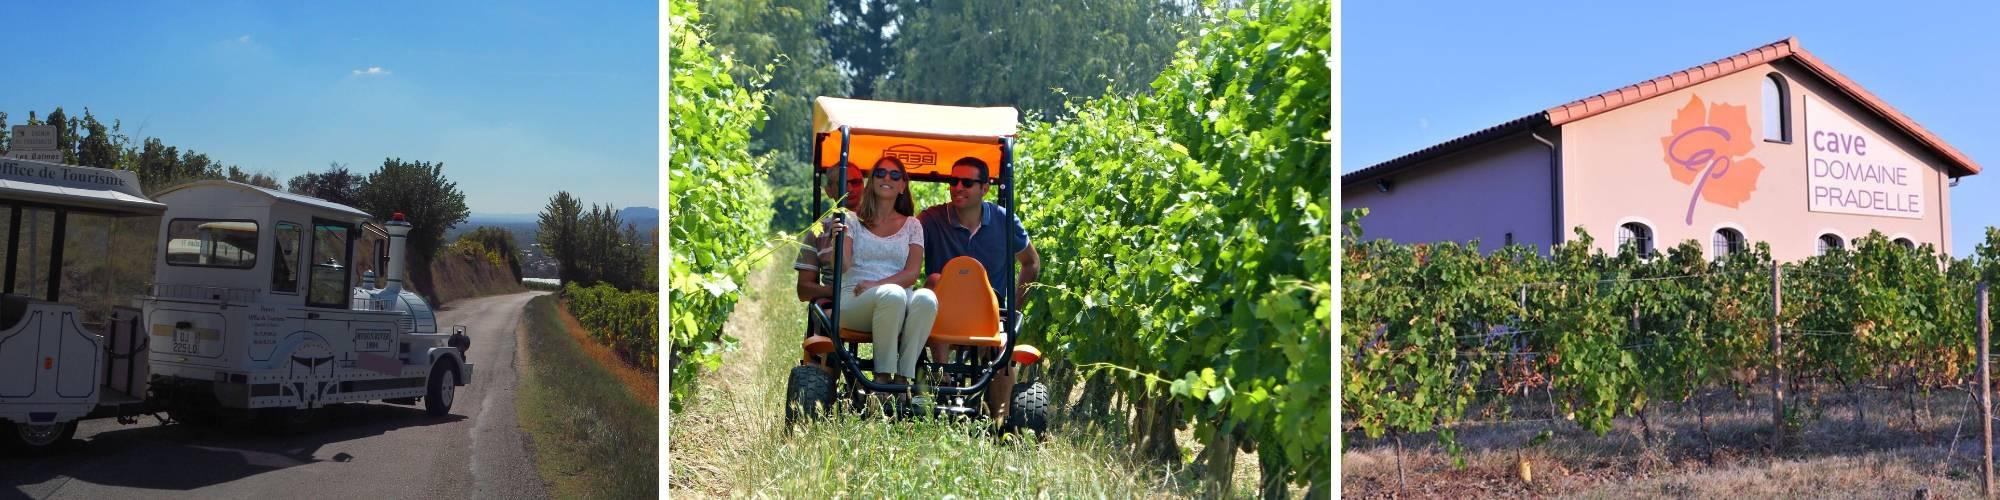 balade ludique dans les vignobles.